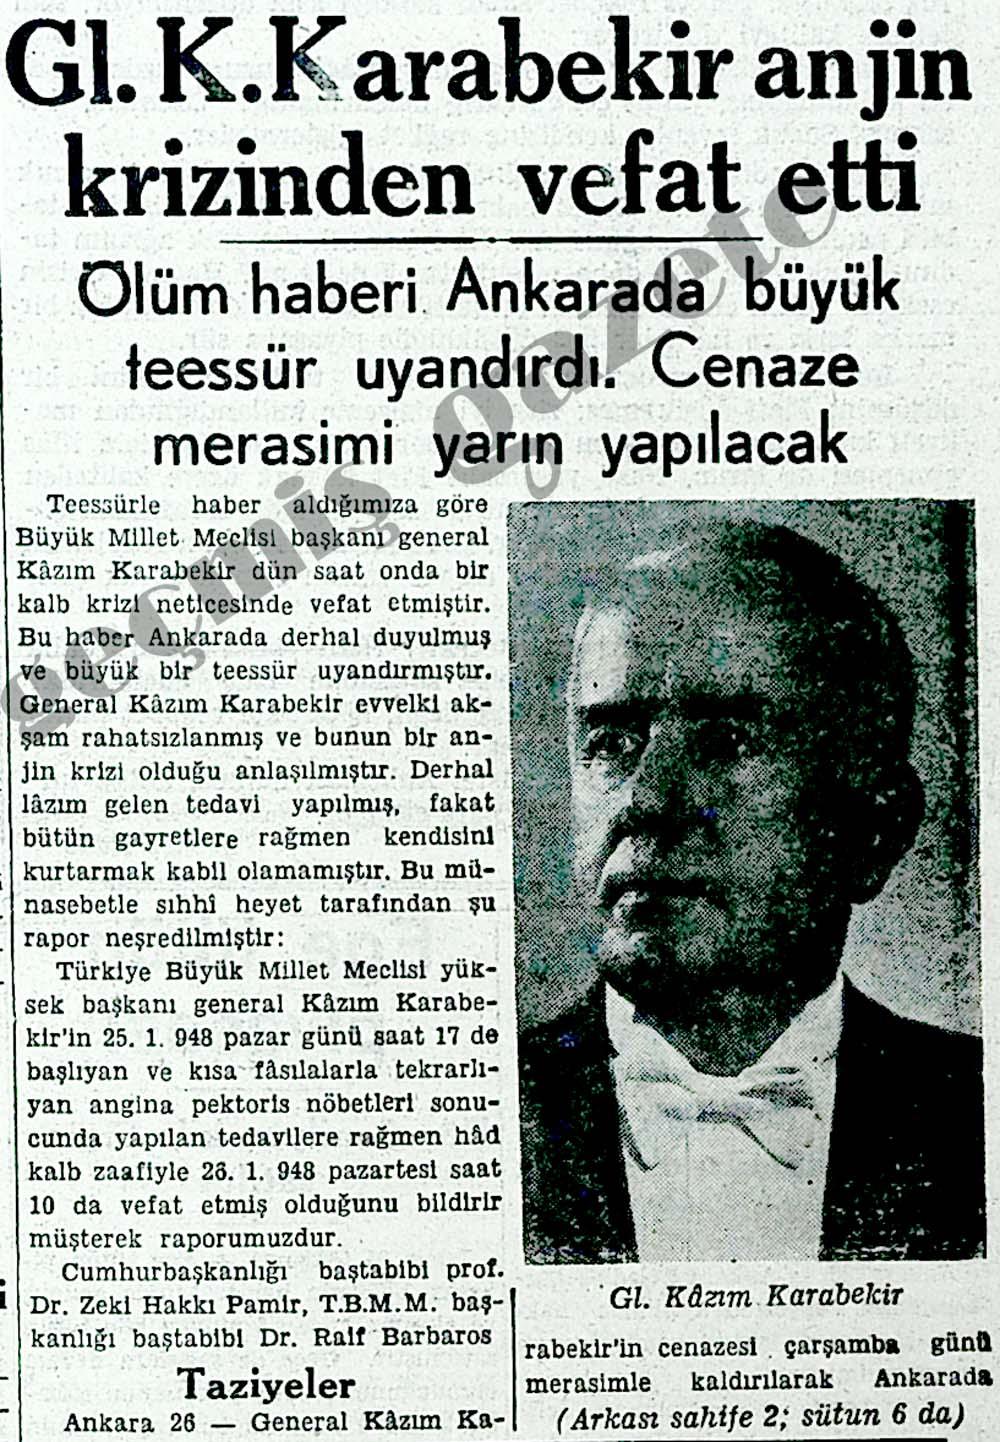 Gl.K.Karabekir anjin krizinden vefat etti